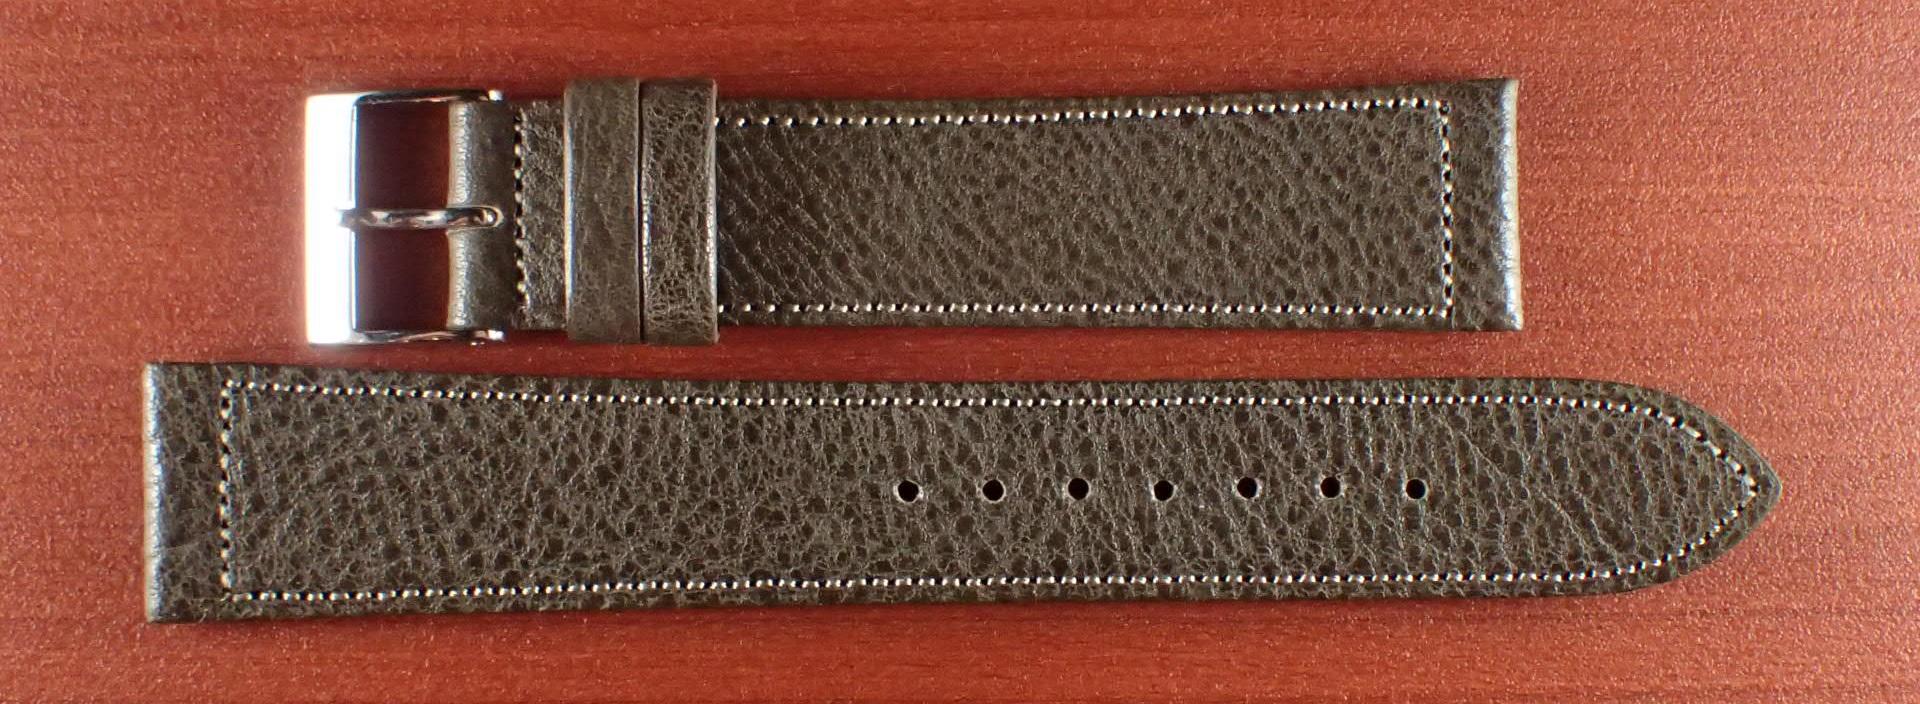 シュリンクレザーベルト グレー 16、17、18、19、20mm